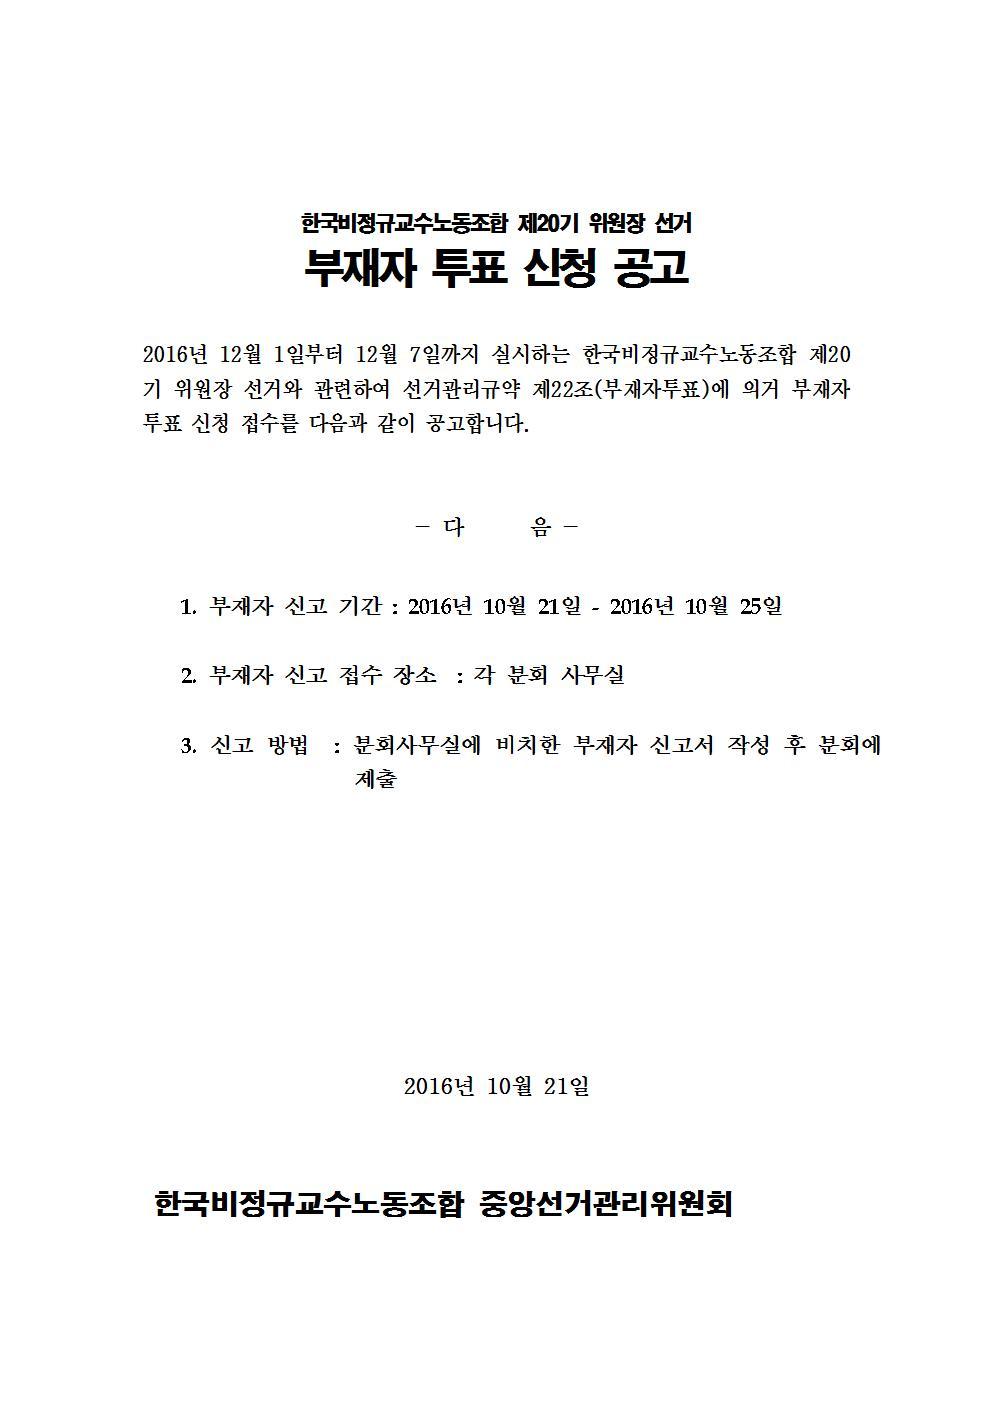 한국비정규교수노동조합 제20기 위원장 선거 jpg003.jpg